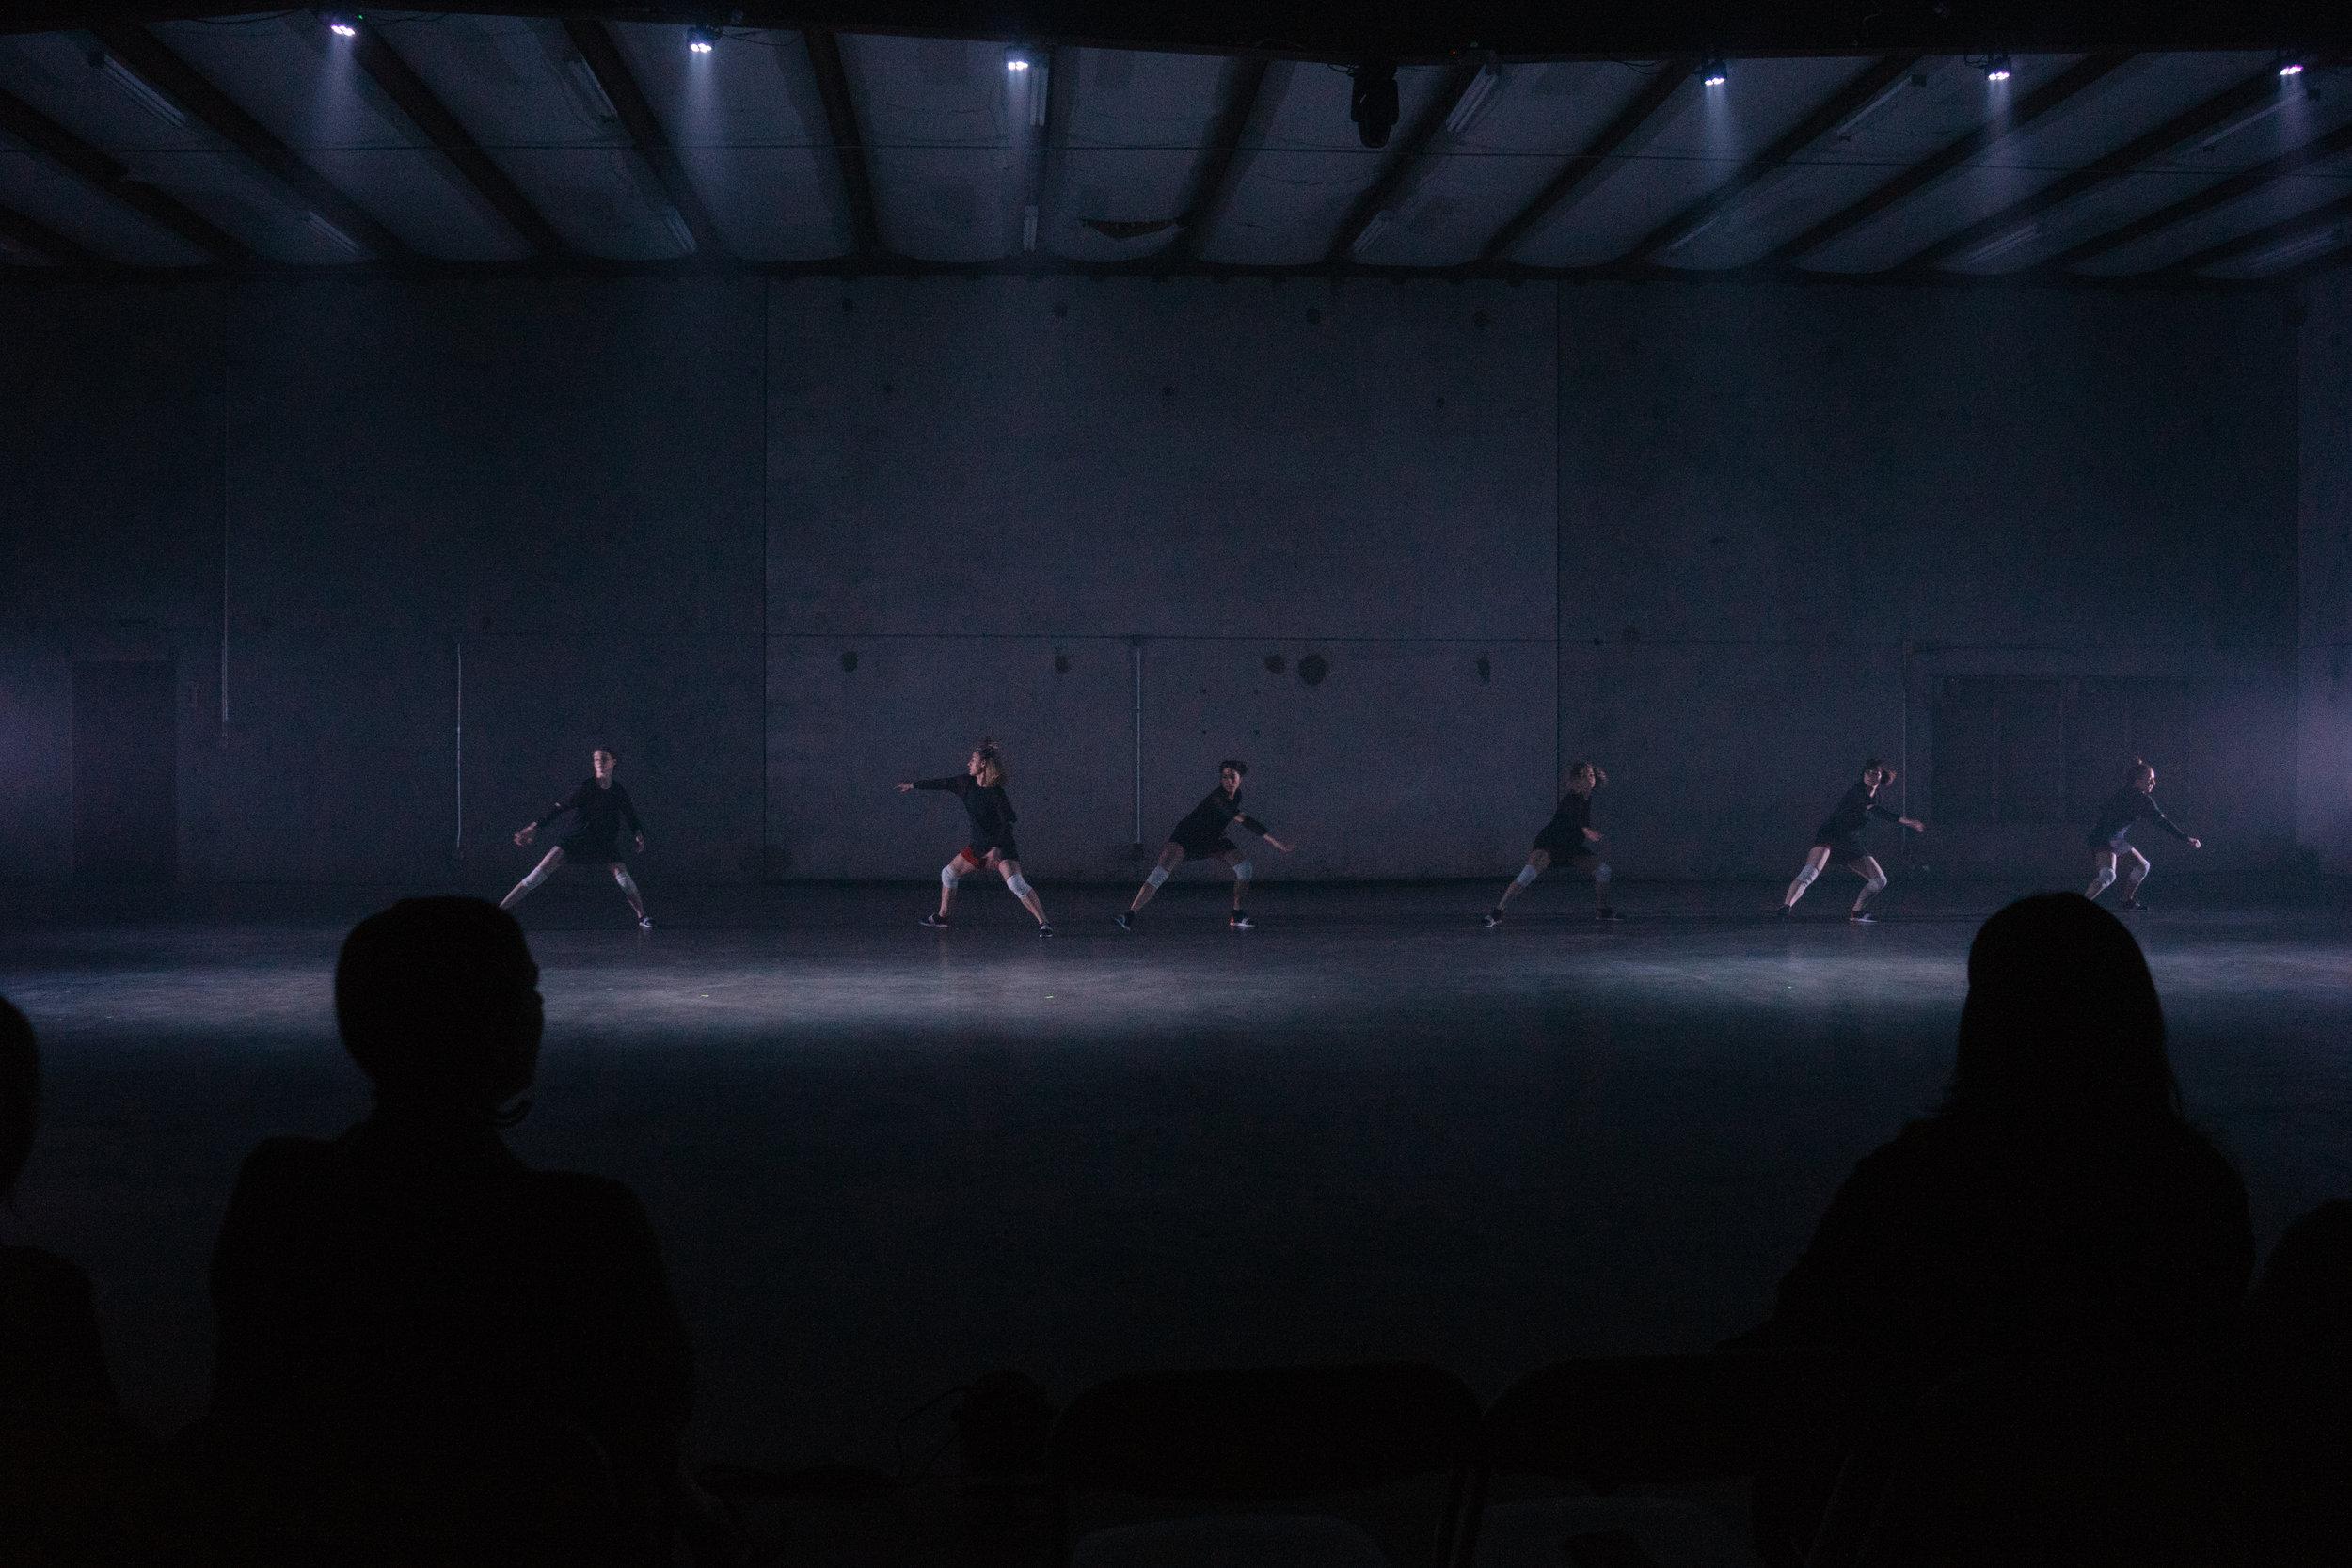 Dancers: Katie Gunderson, Alex Miller, Sarah Navarrete, Hailley Lauren, Taryn Lavery, Katie Hopkins